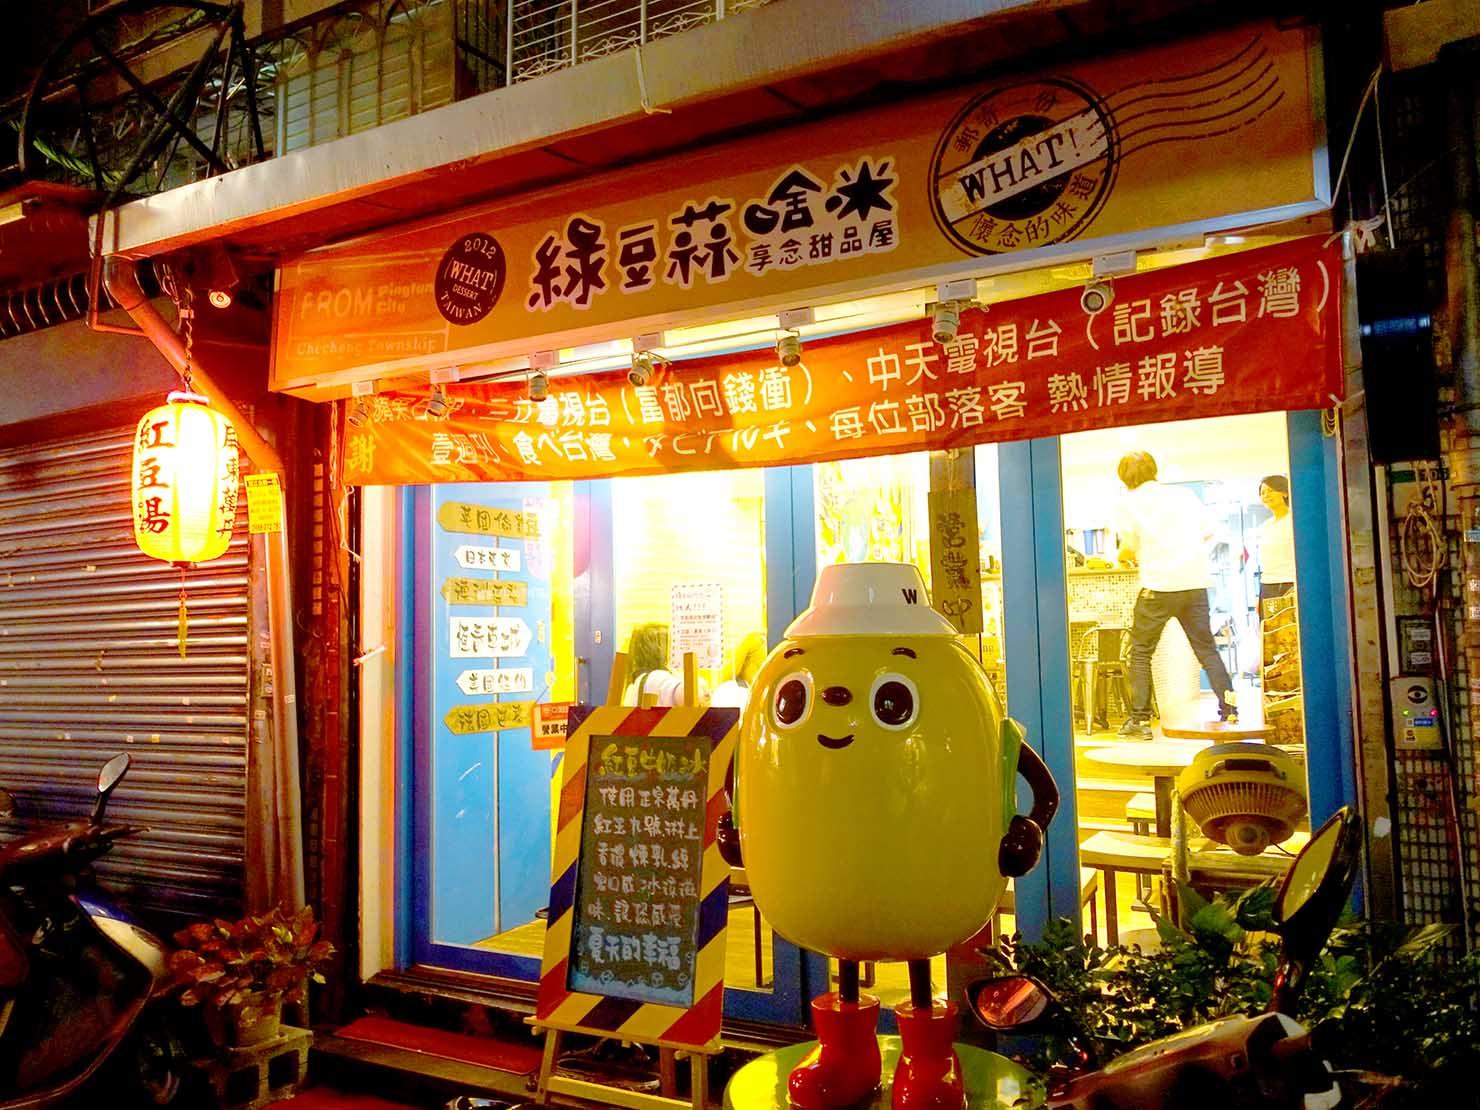 台北・松江南京駅(四平街商圈)周辺のおすすめグルメ店「綠豆蒜啥米」の外観